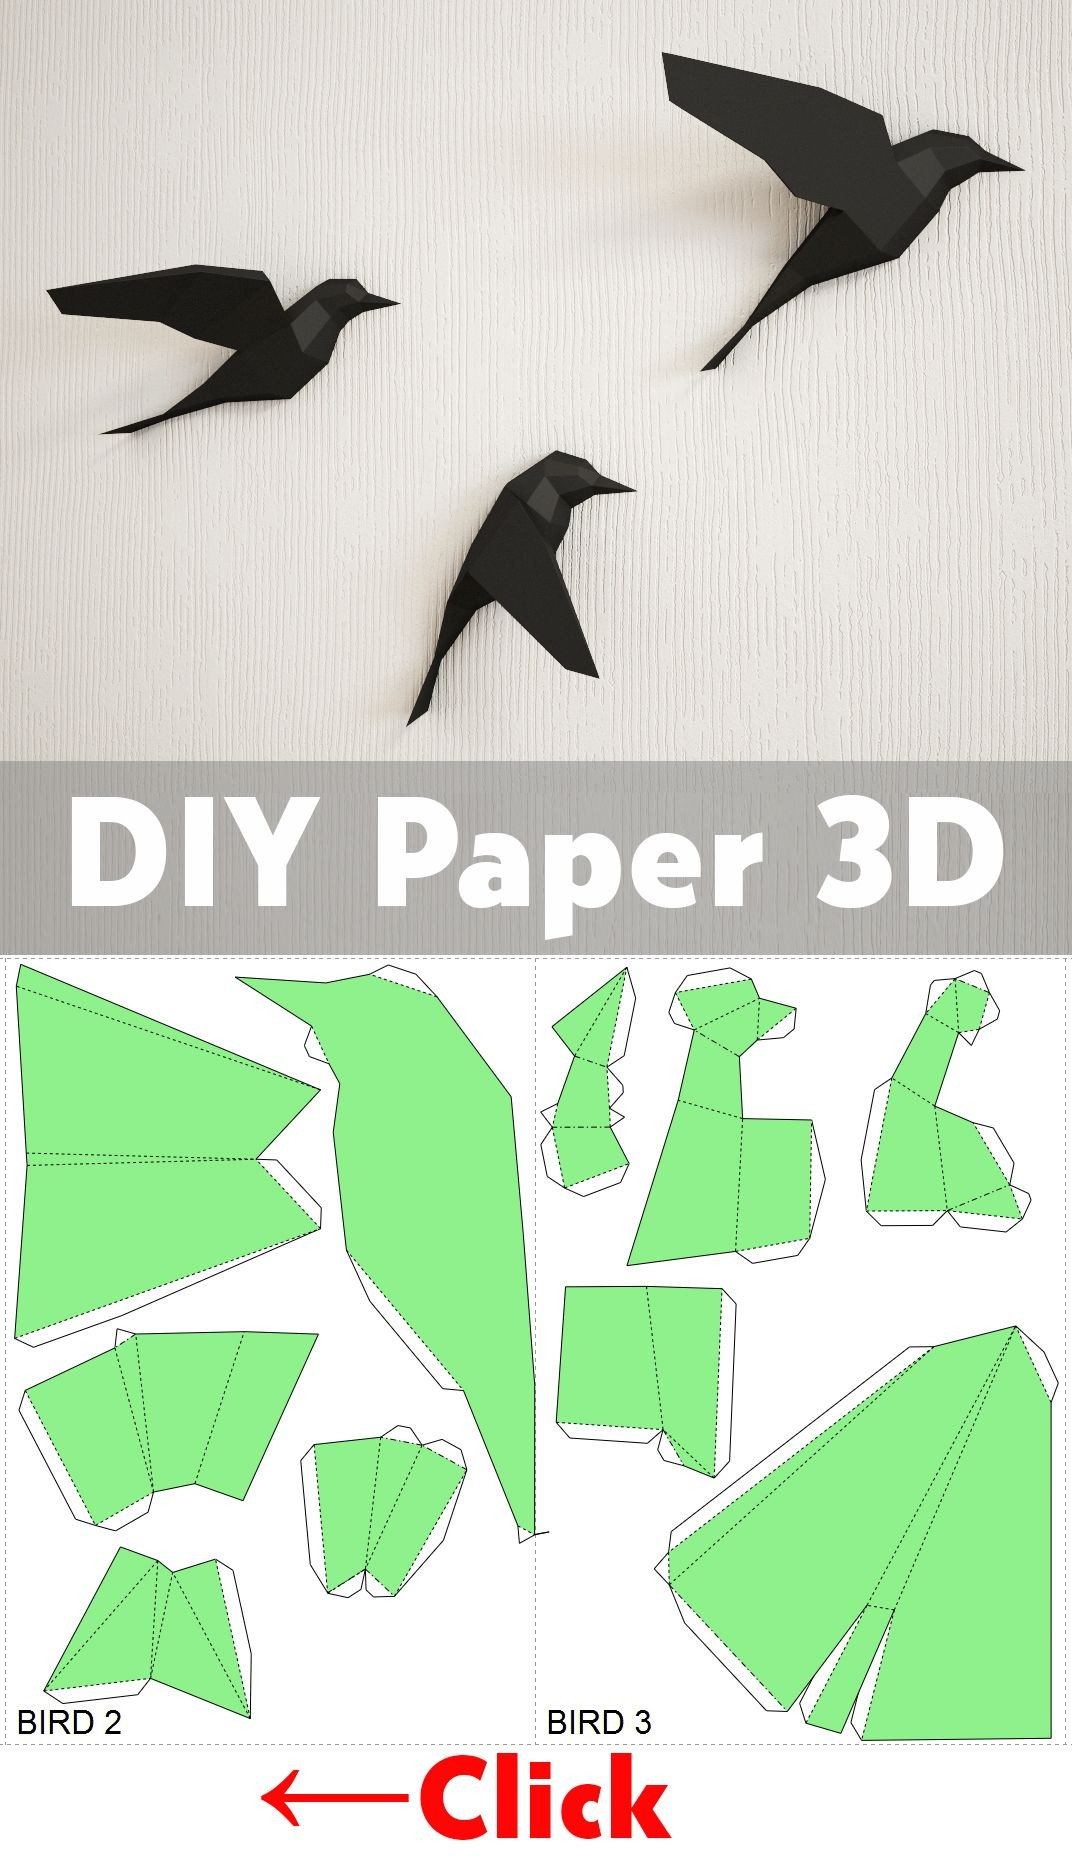 Papercraft 3d Diy Paper Birds On Wall 3d Papercraft Easy Paper Model Sculpture